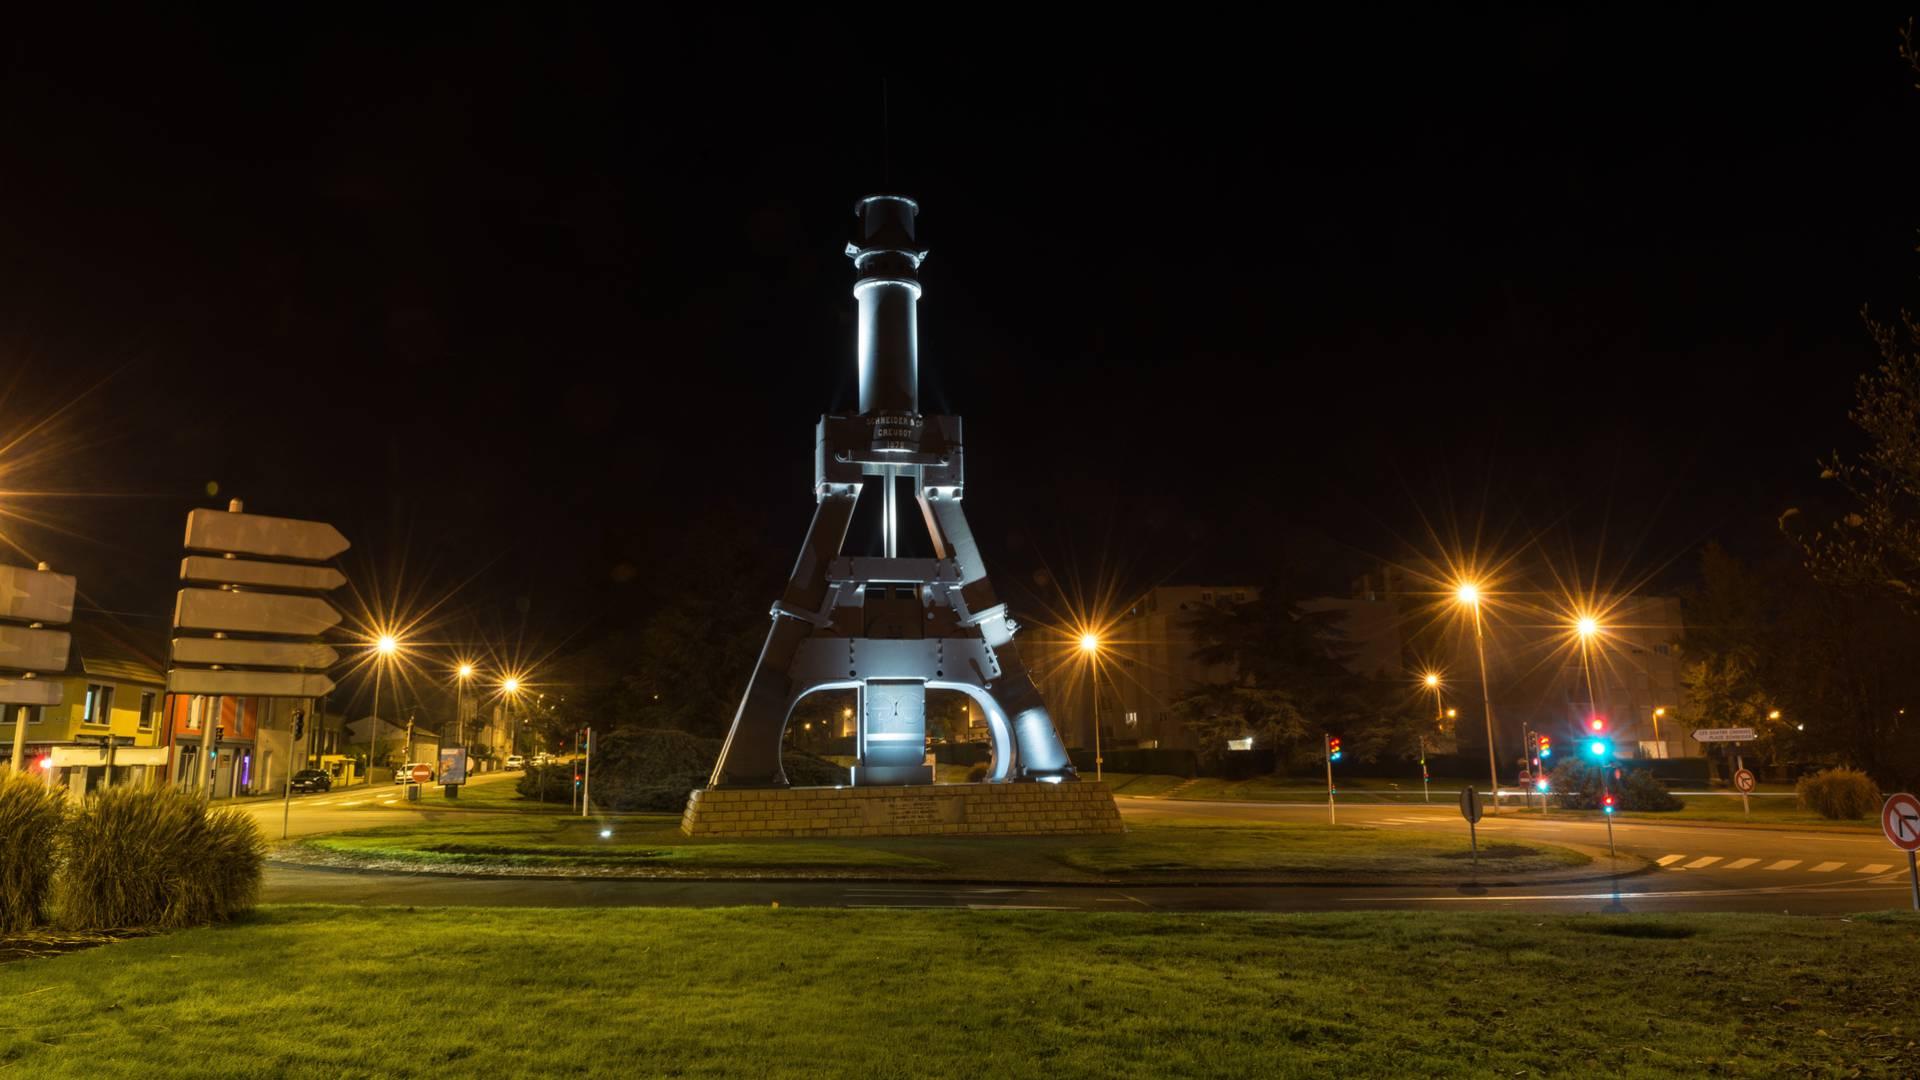 Le marteau-pilon de nuit, Le Creusot. © Oscara Photographe, Creusot Montceau Tourisme.